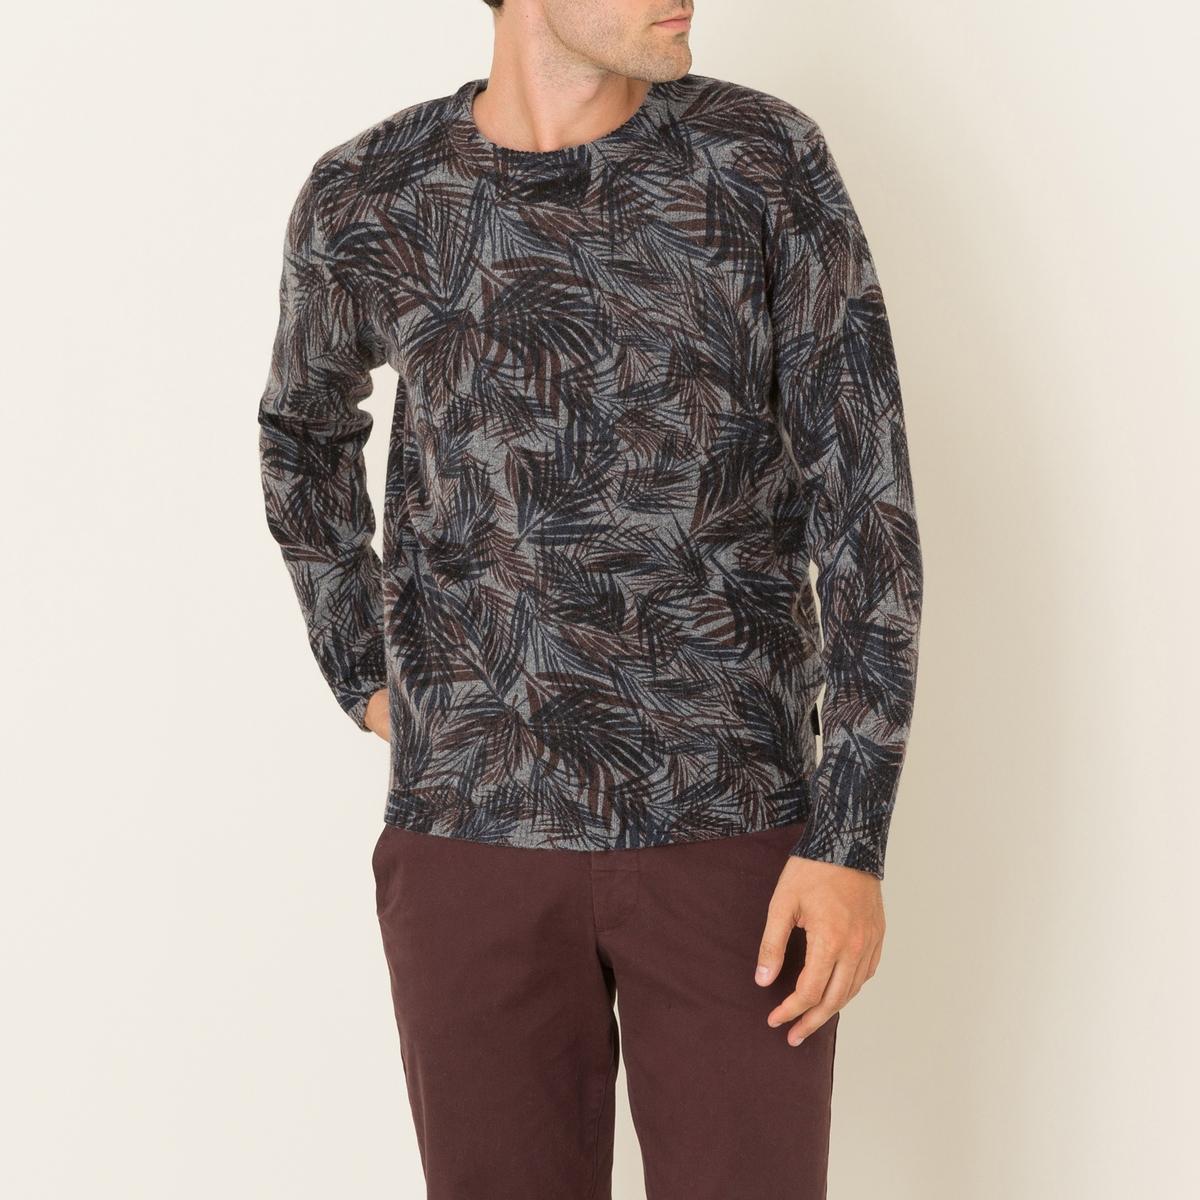 Пуловер SHOGUNПуловер HARRIS WILSON - модель SHOGUN. Сплошной рисунок. Круглый вырез. Длинные рукава. Края выреза, рукавов и низа связаны в рубчик. Состав и описание Материал : 100% овечья шерсть lambswoolМарка : HARRIS WILSON<br><br>Цвет: серый